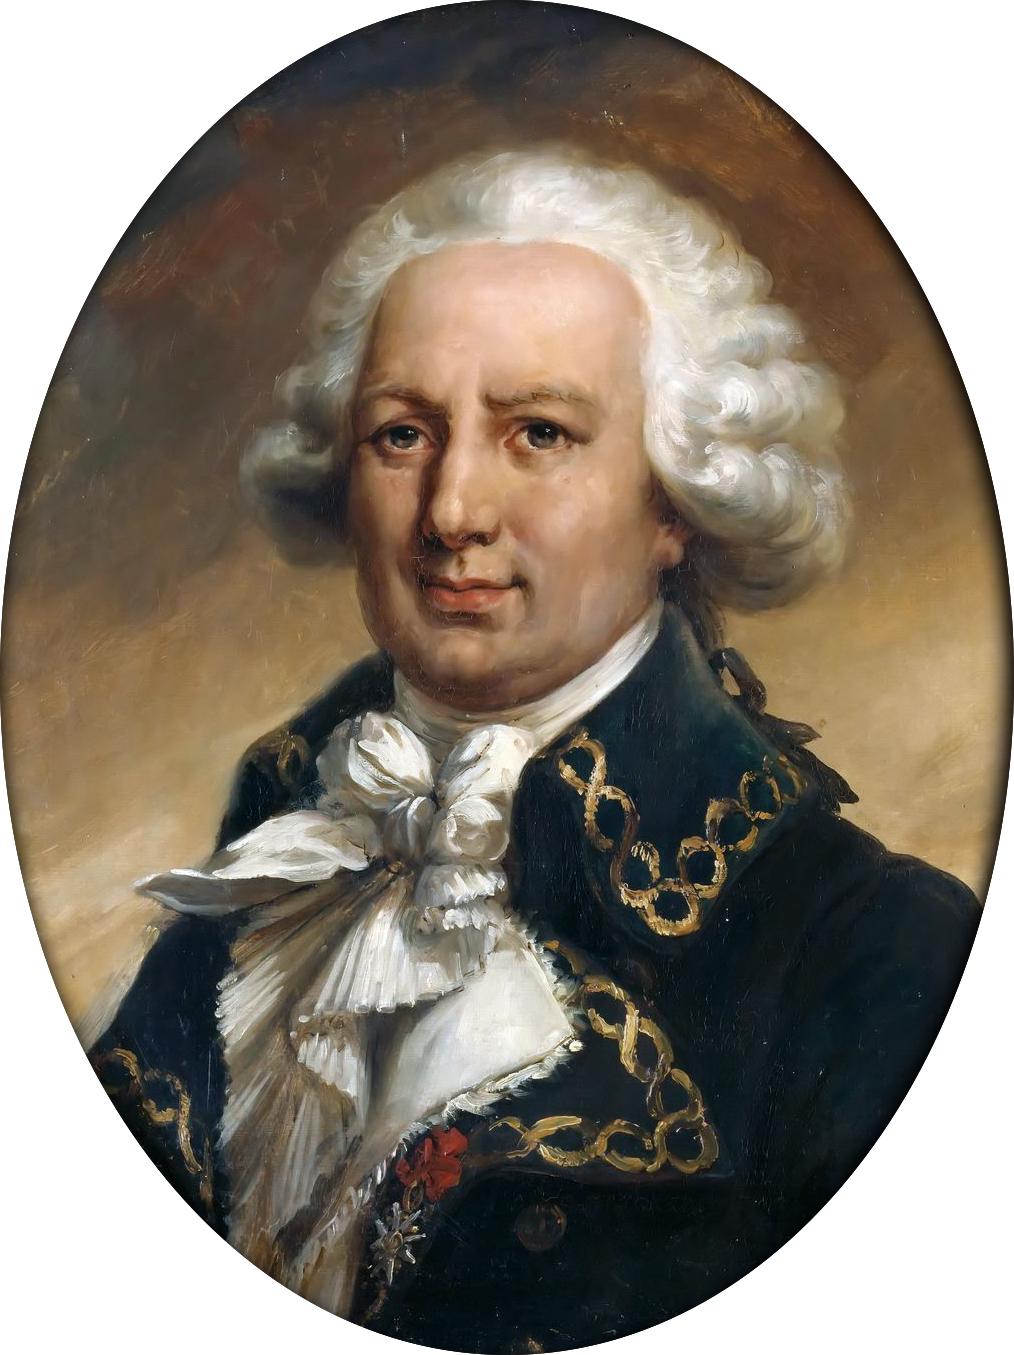 Louis Antoine de BougainvillePortrait par Jean-Pierre Franque.